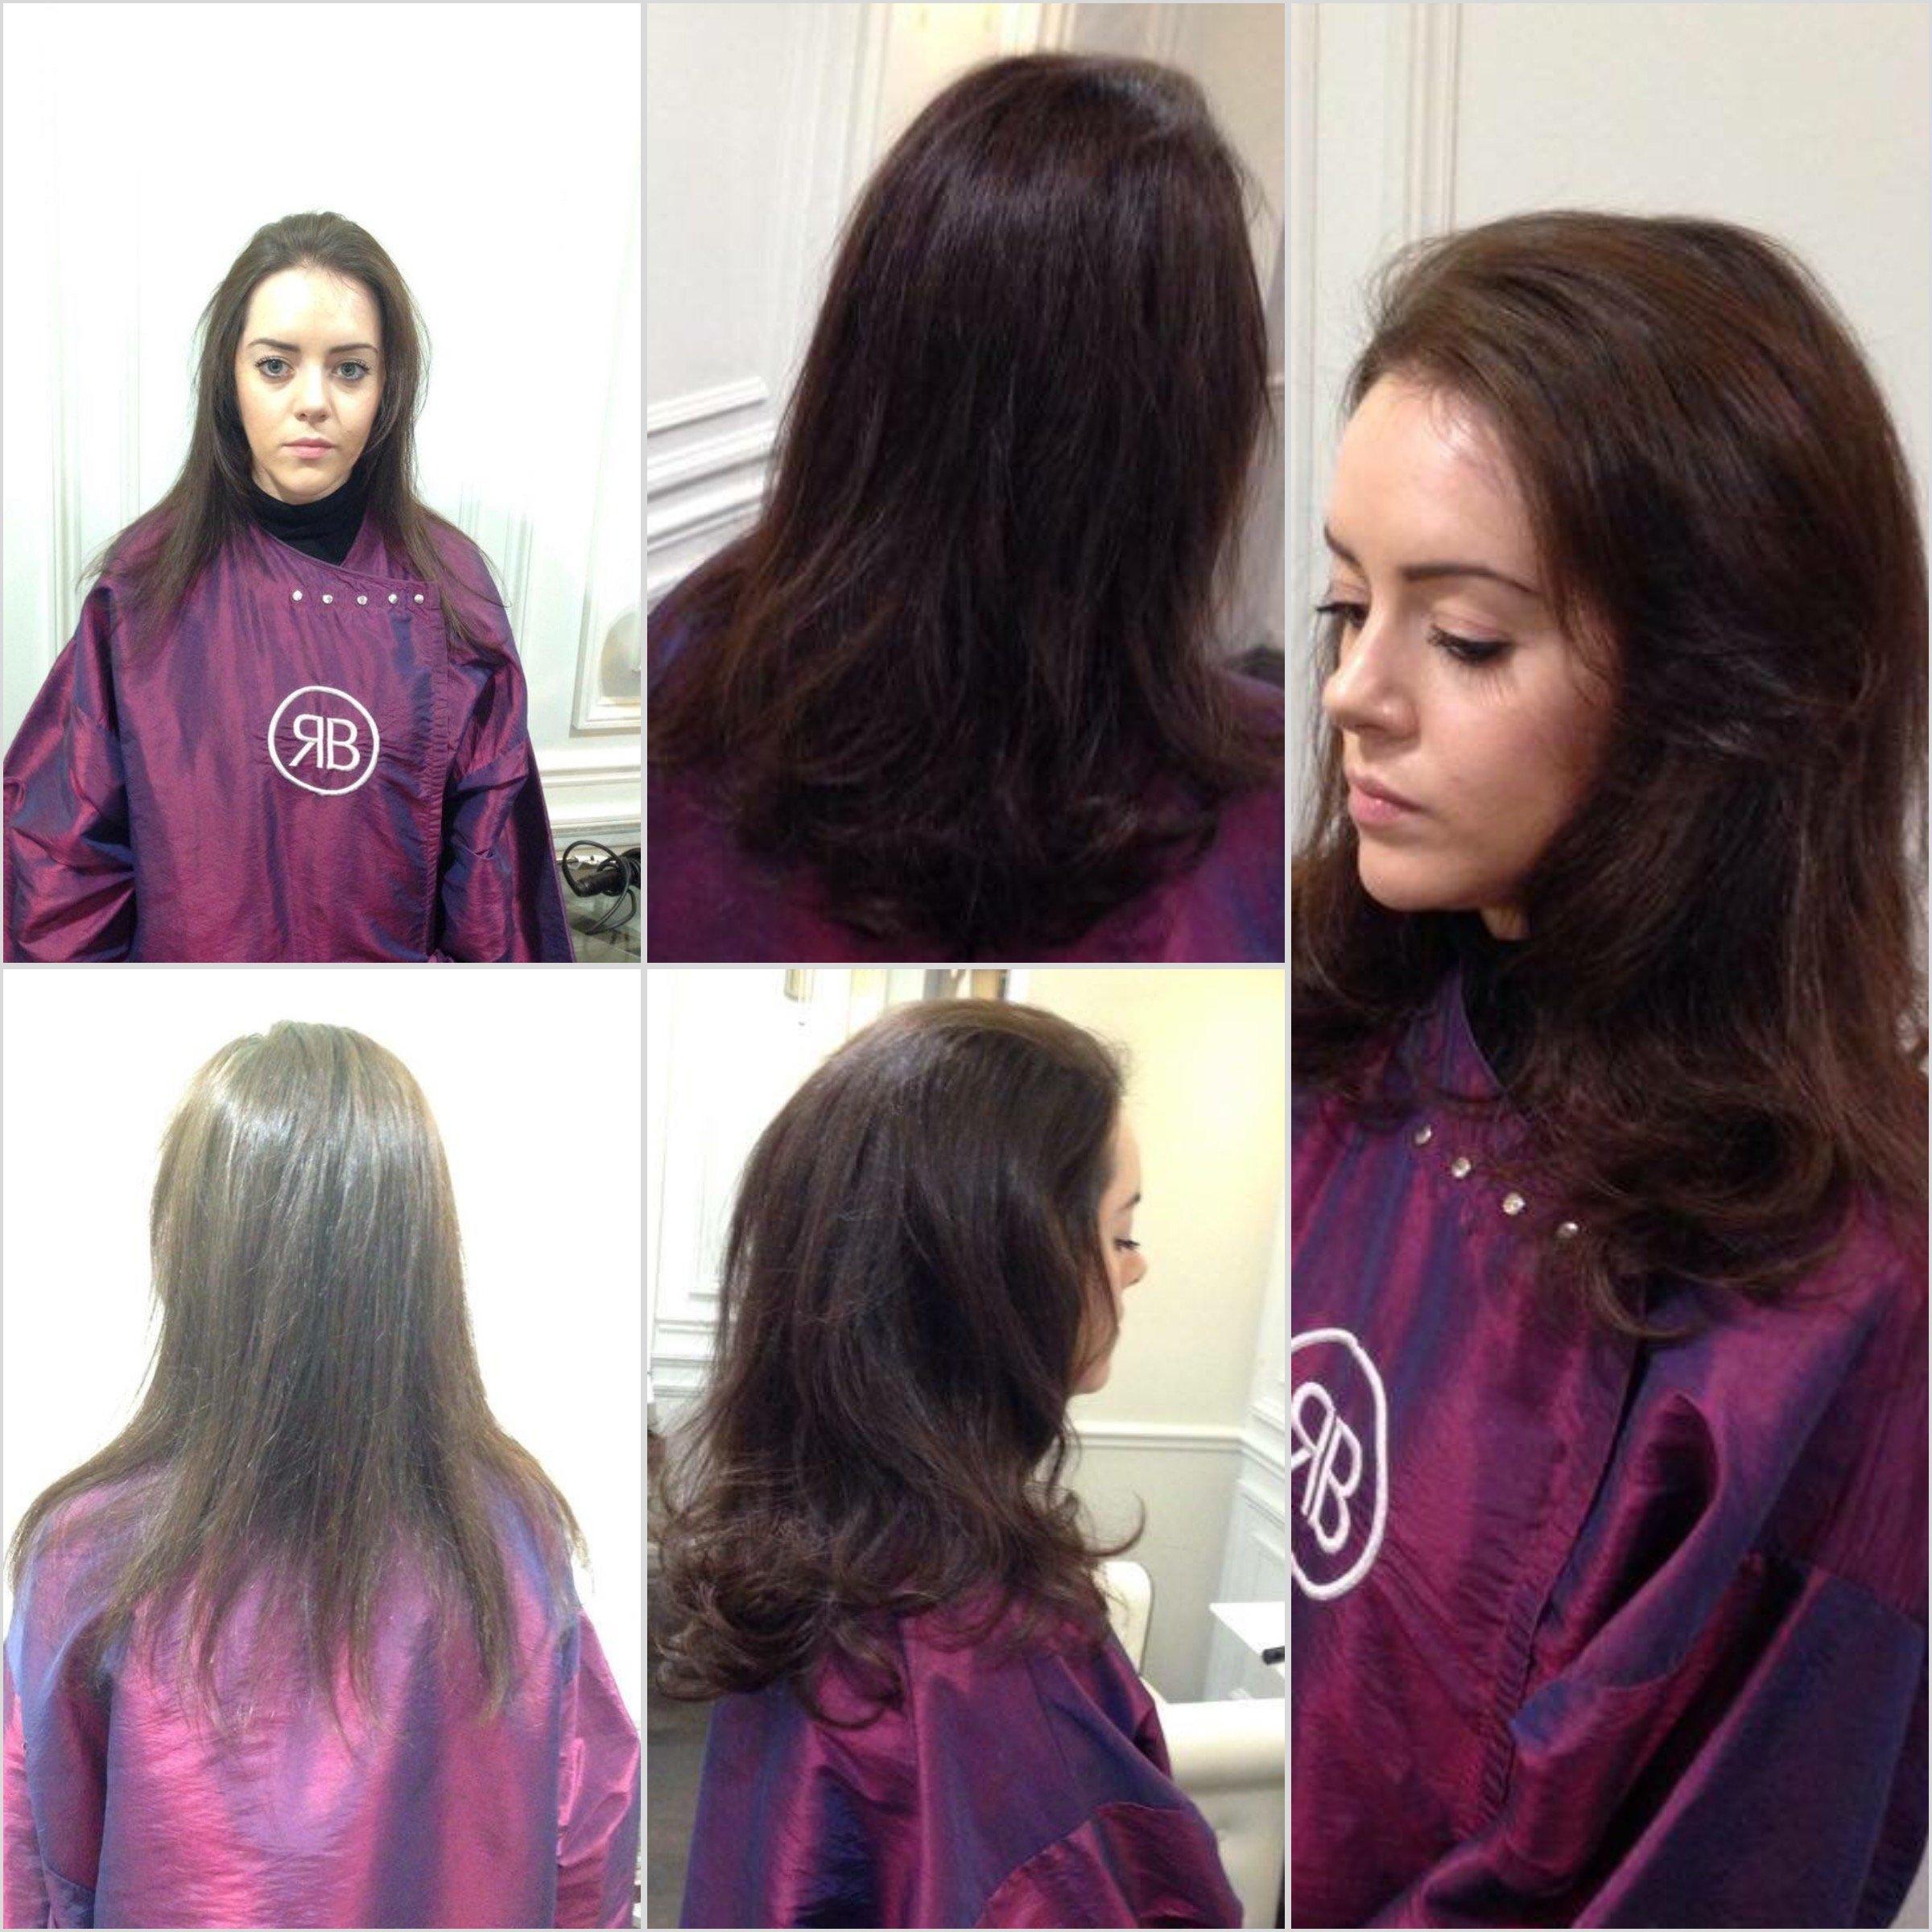 30 MINUTE HAIR TRANSFORMATION